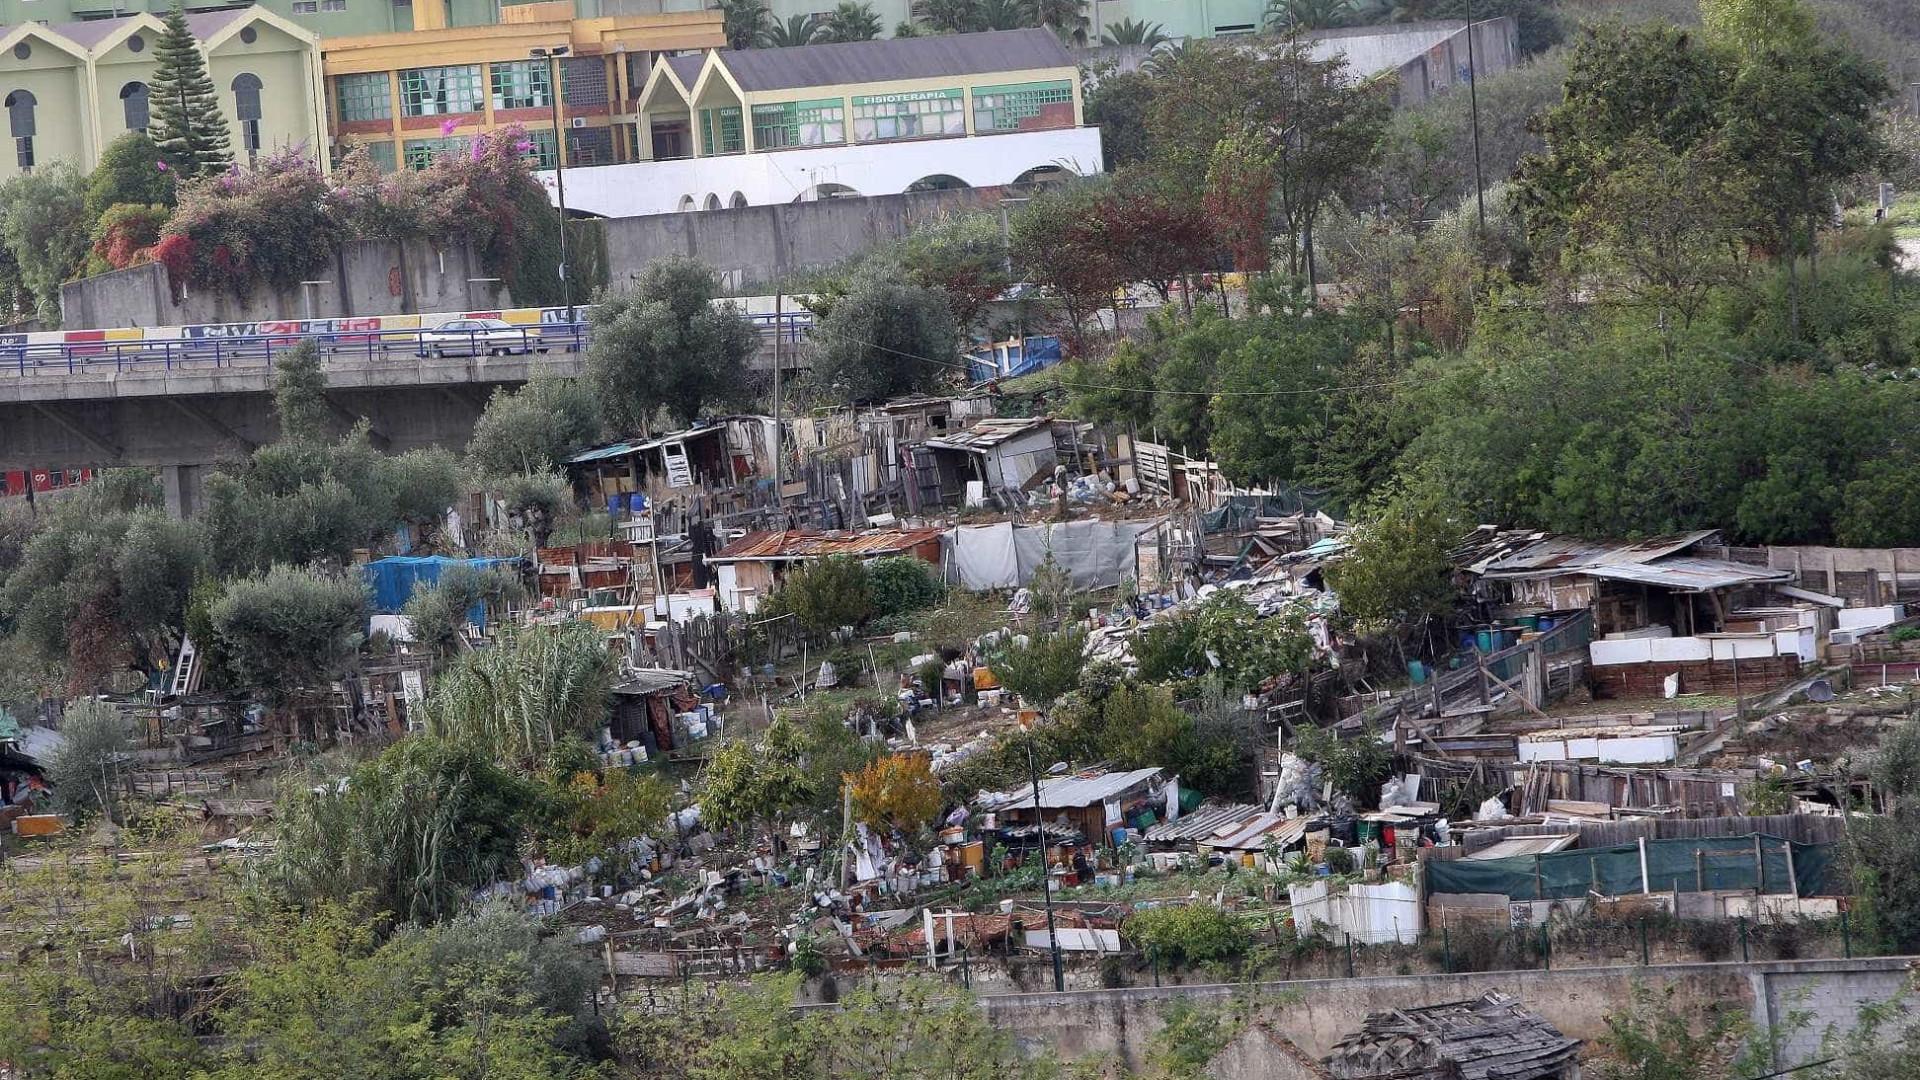 Termina hoje prazo mas moradores recusam-se a pagar novas rendas